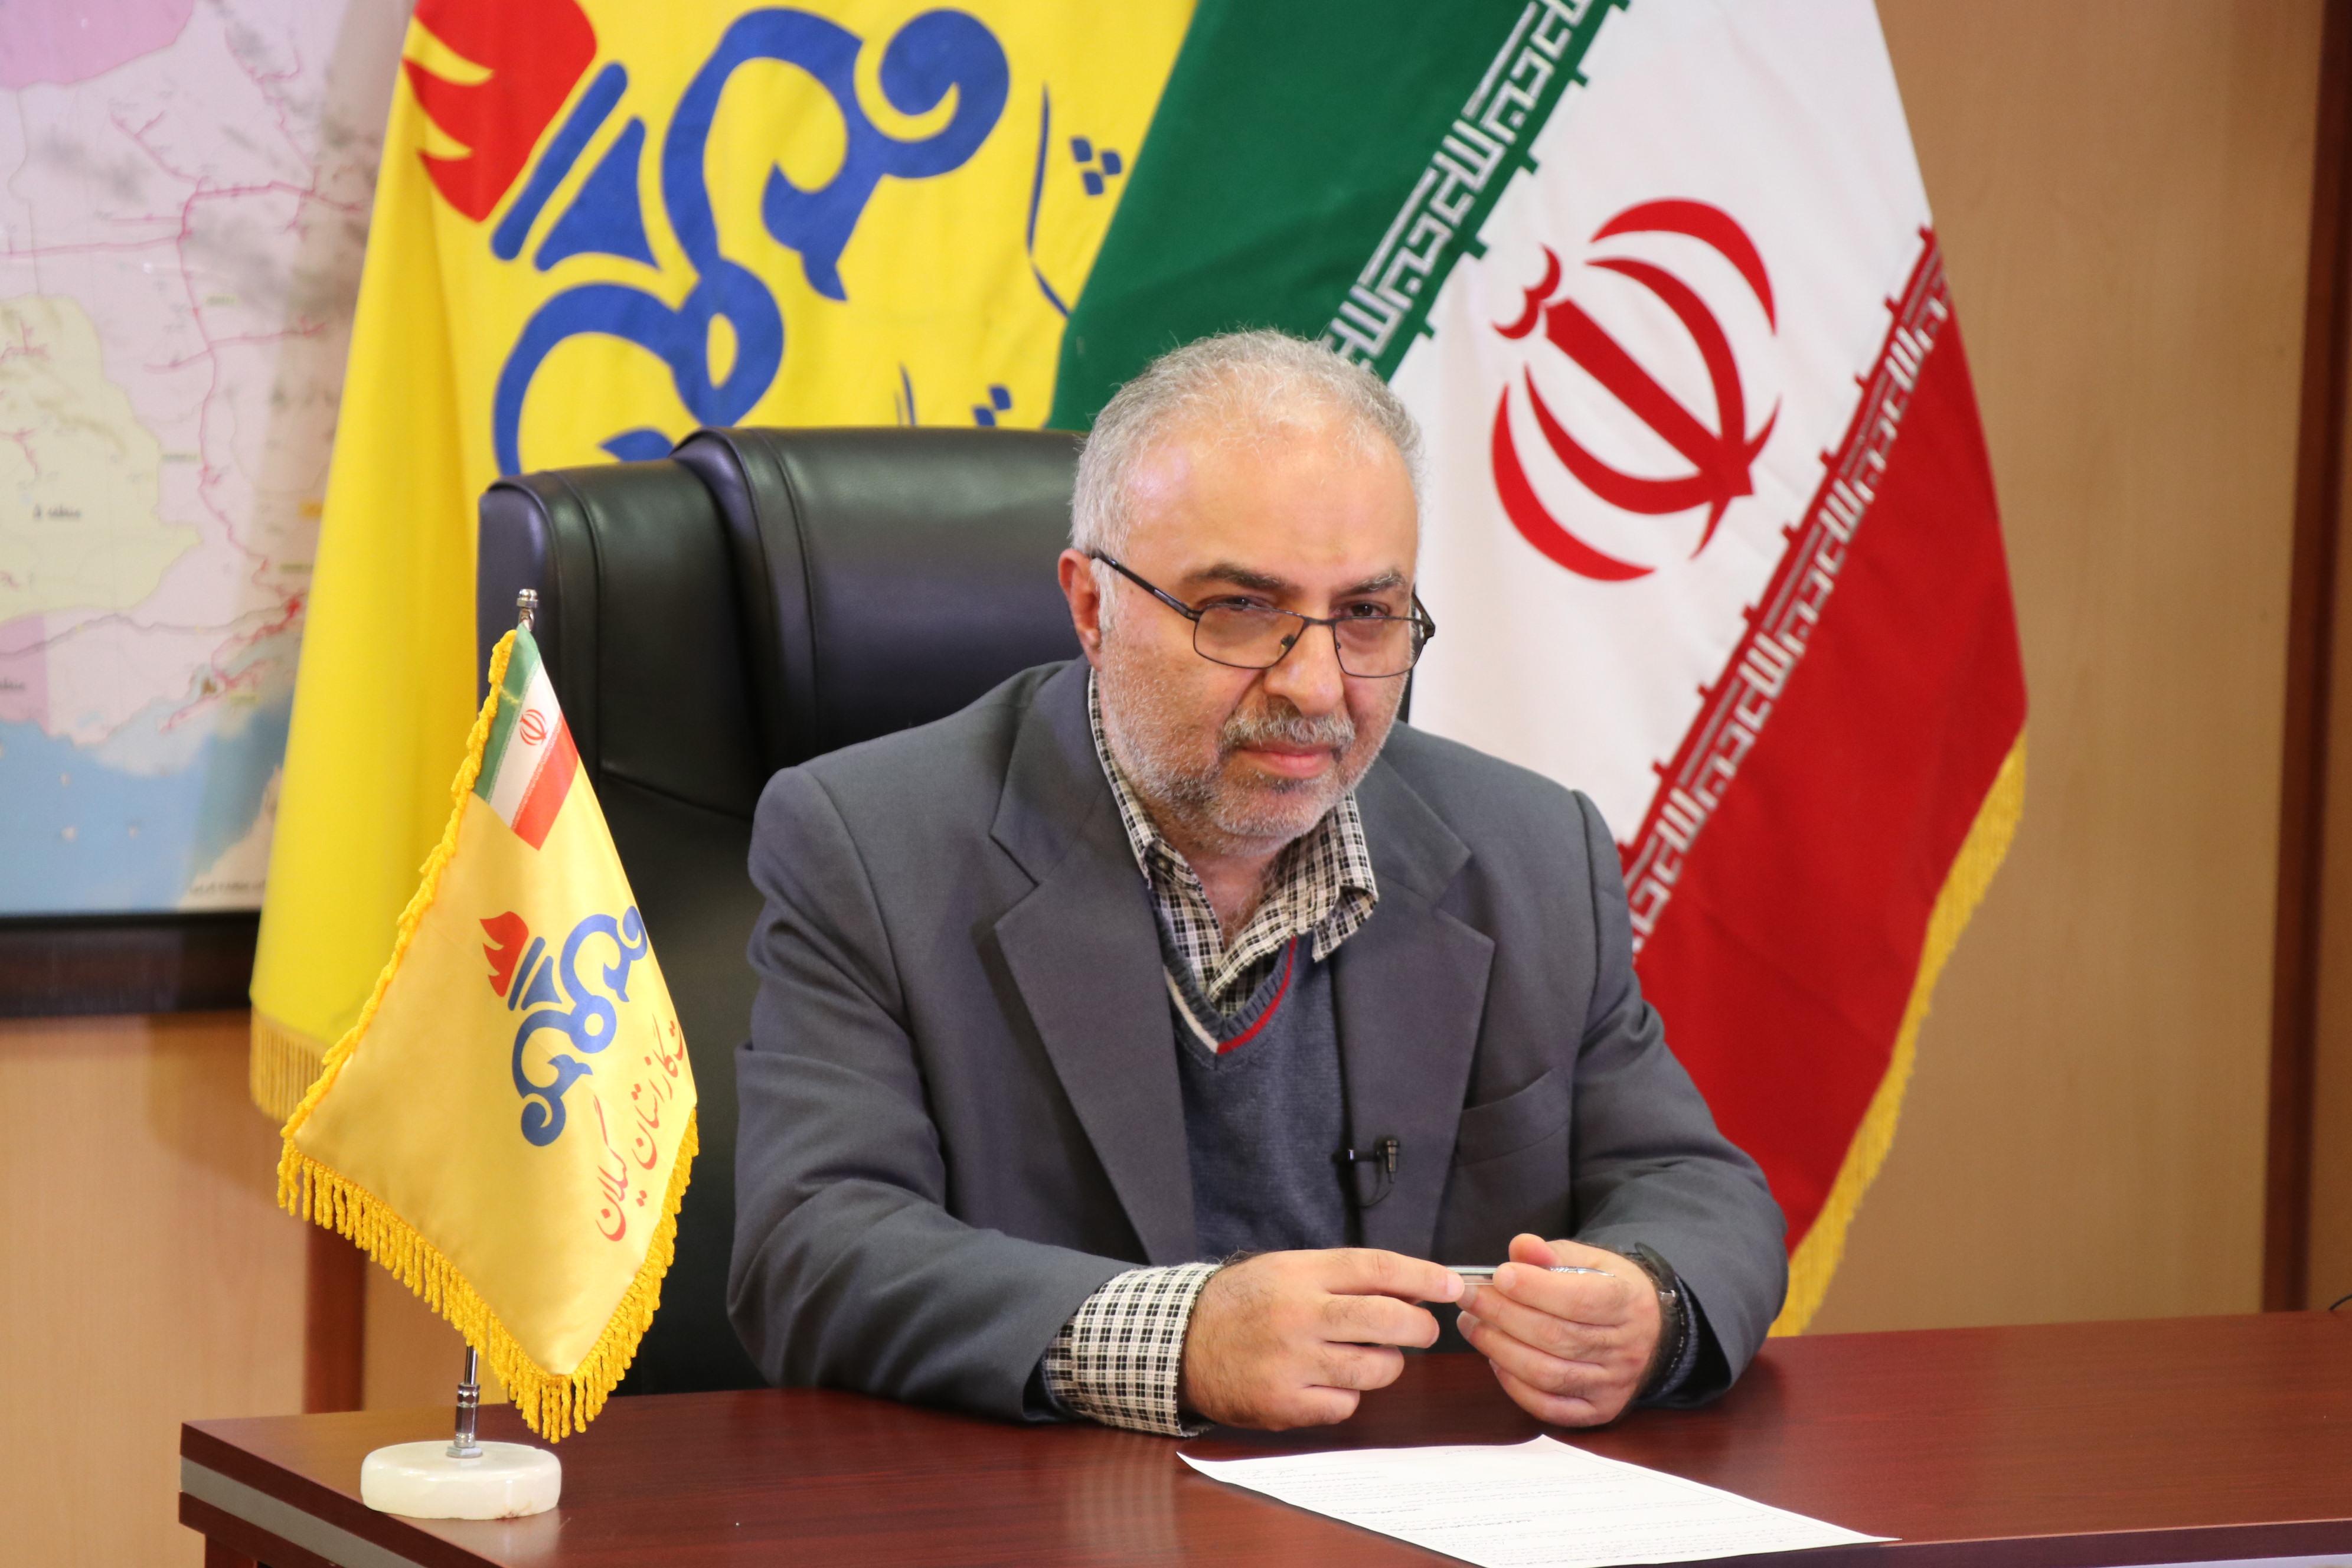 مدیرعامل شرکت گاز استان گیلان :تاکیدبر استفاده از وسایل گرمایشی استاندارد